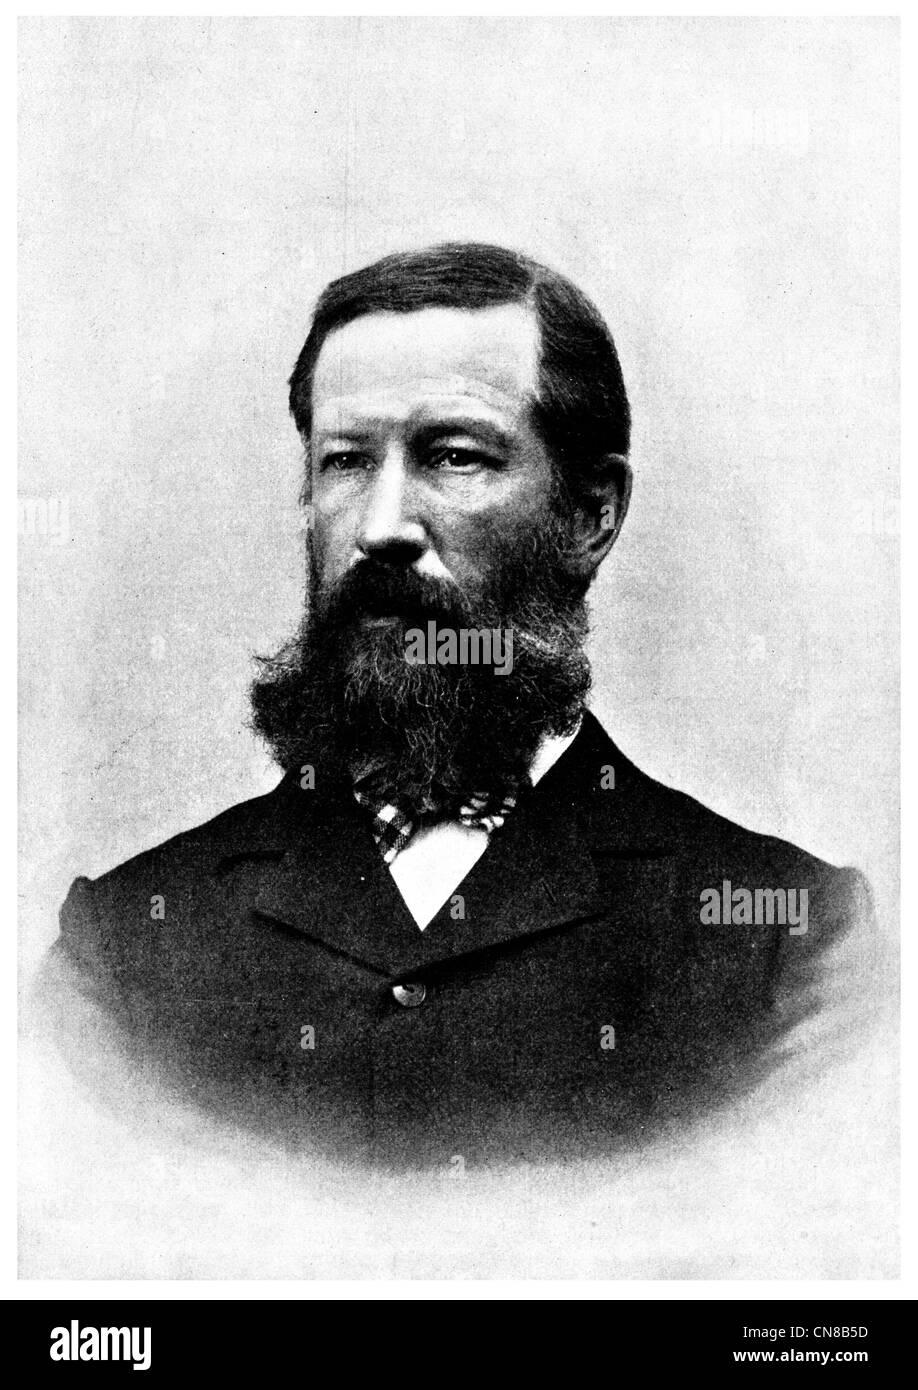 Henry Gannett President of the National Geographic Society 1910 1914 - Stock Image